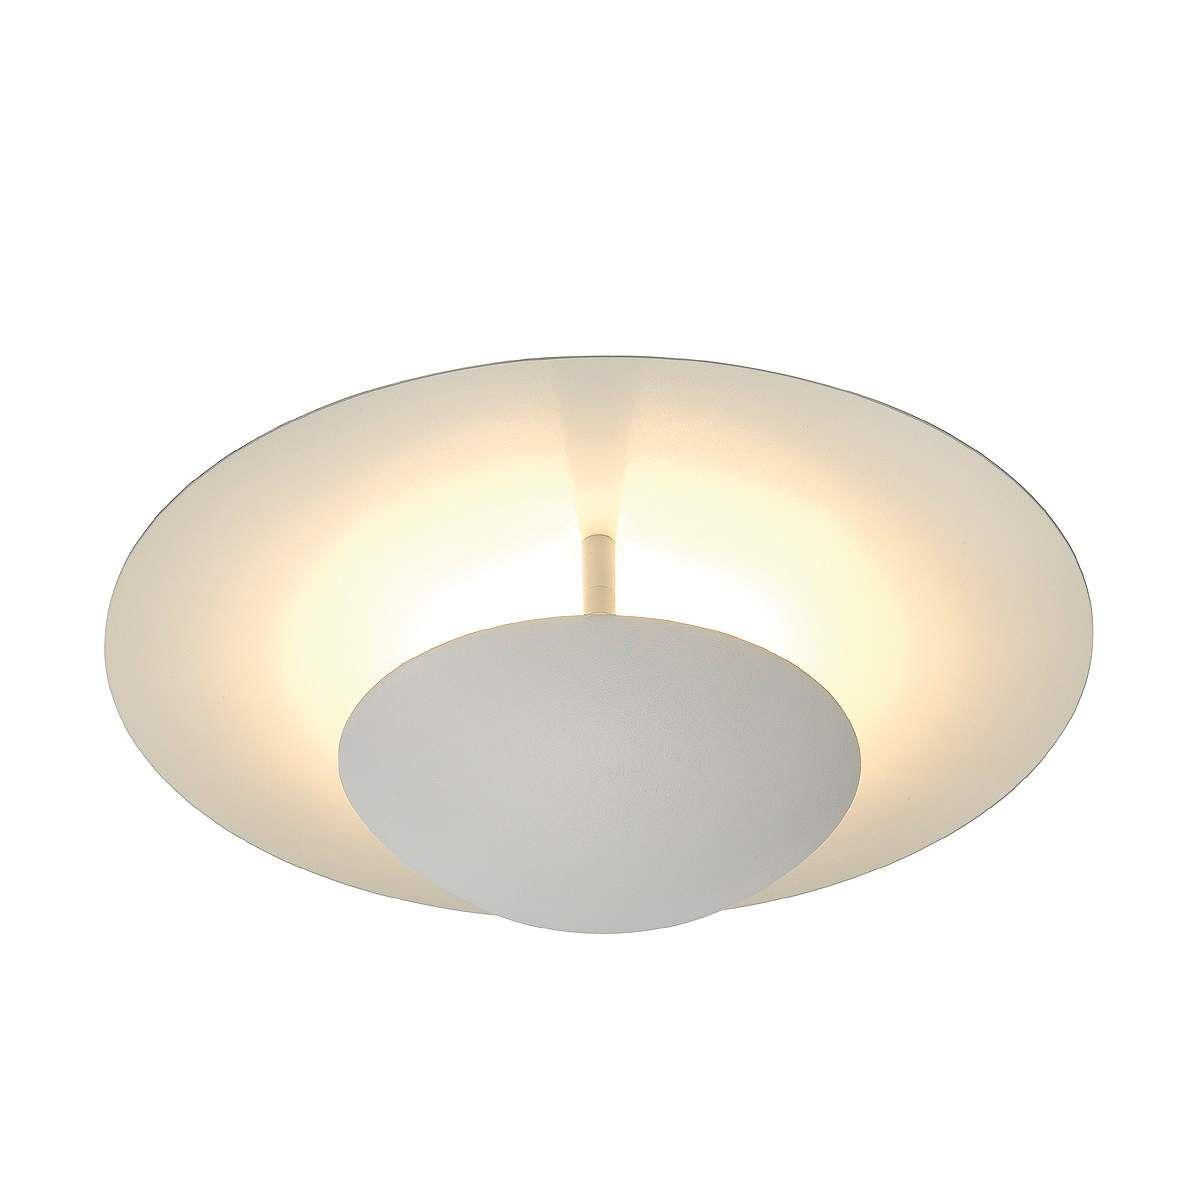 Deckenleuchte Led Flach Dimmbar Deckenlampe Badezimmer Deckenlampe Wohnzimmer Rund Deckenleuchten Design T Beleuchtung Decke Deckenleuchten Deckenlampe